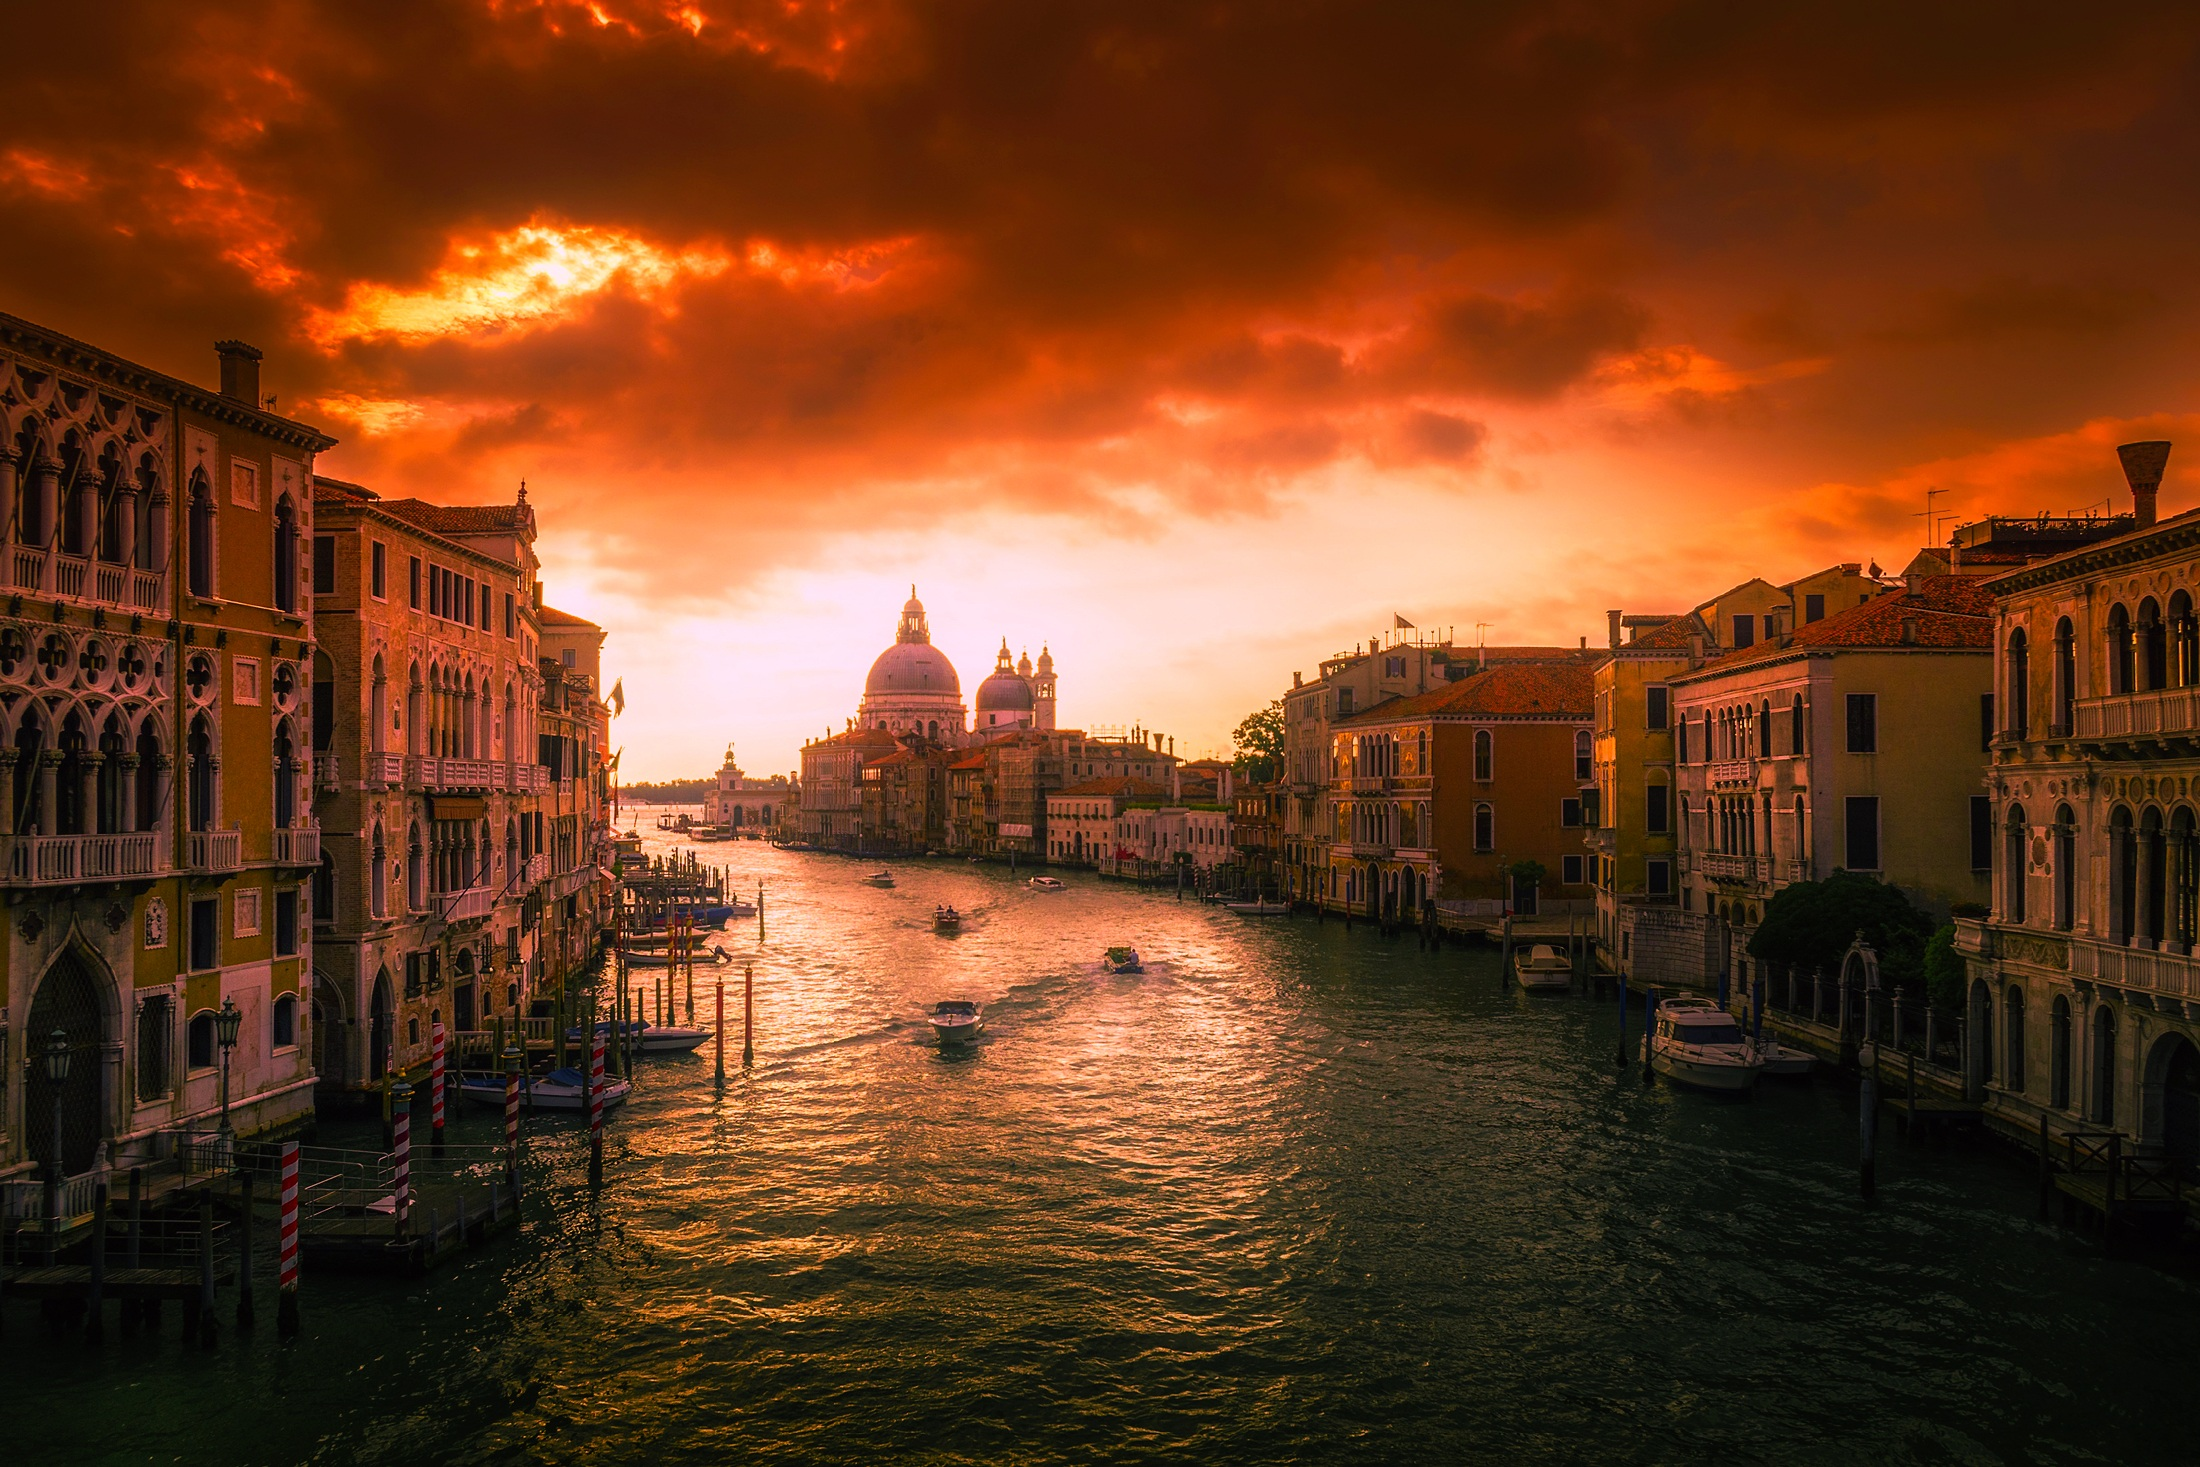 In Venedig ist erneut nur knapp ein Unfall mit einem Kreuzfahrtschiff vermieden worden. Die Costa Deliziosa geriet während eines schweren Gewitters außer Kontrolle.